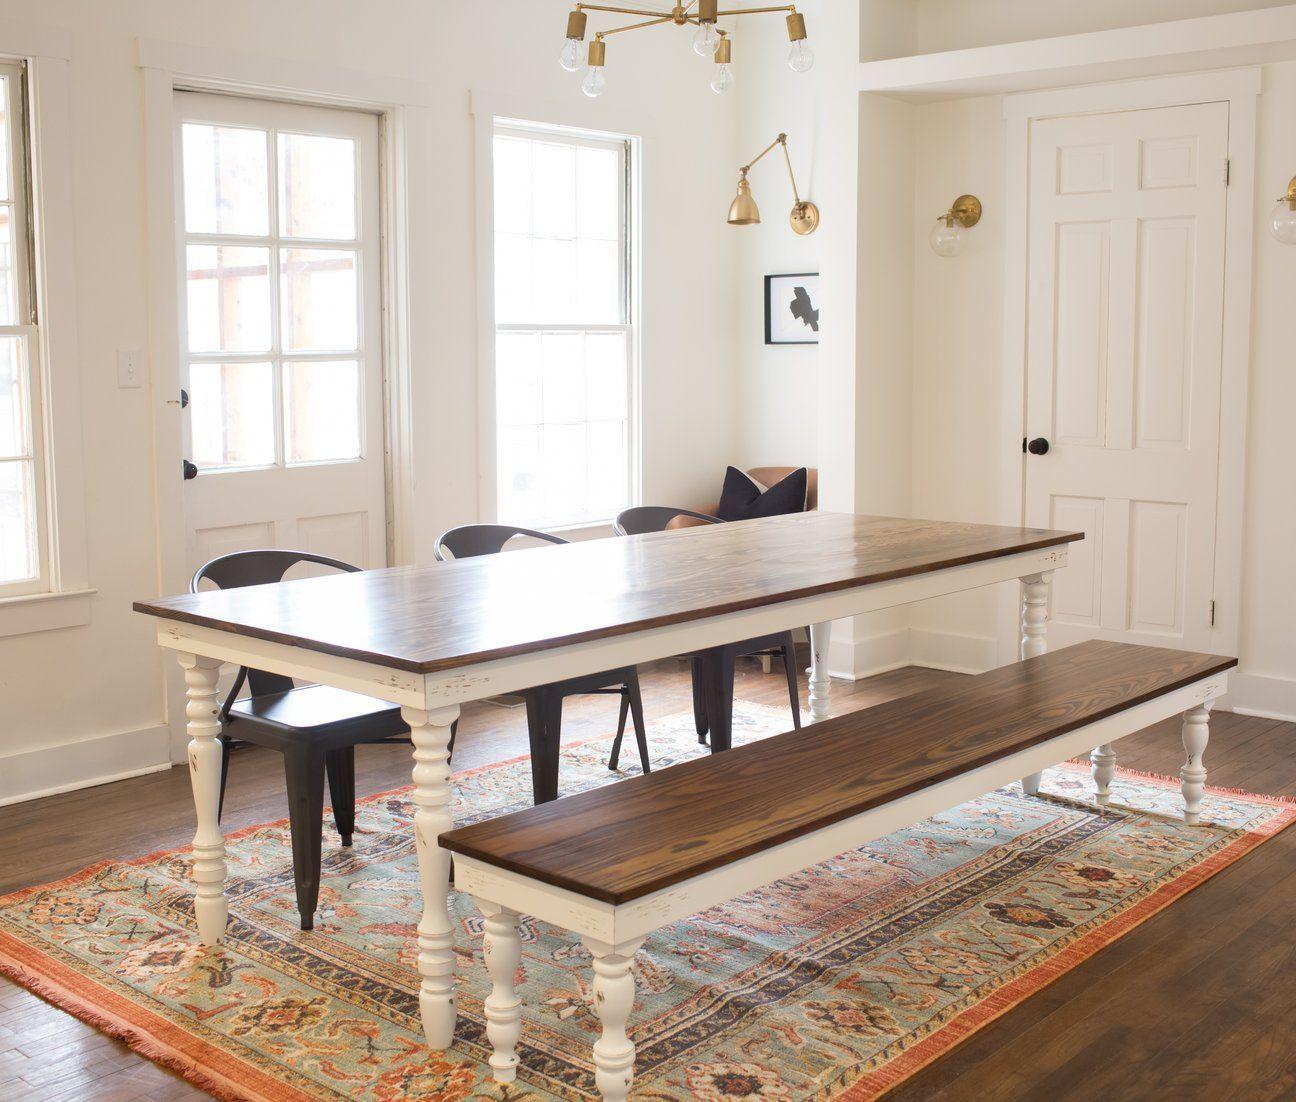 Original Farmhouse Dining Table   Farmhouse dining table ...